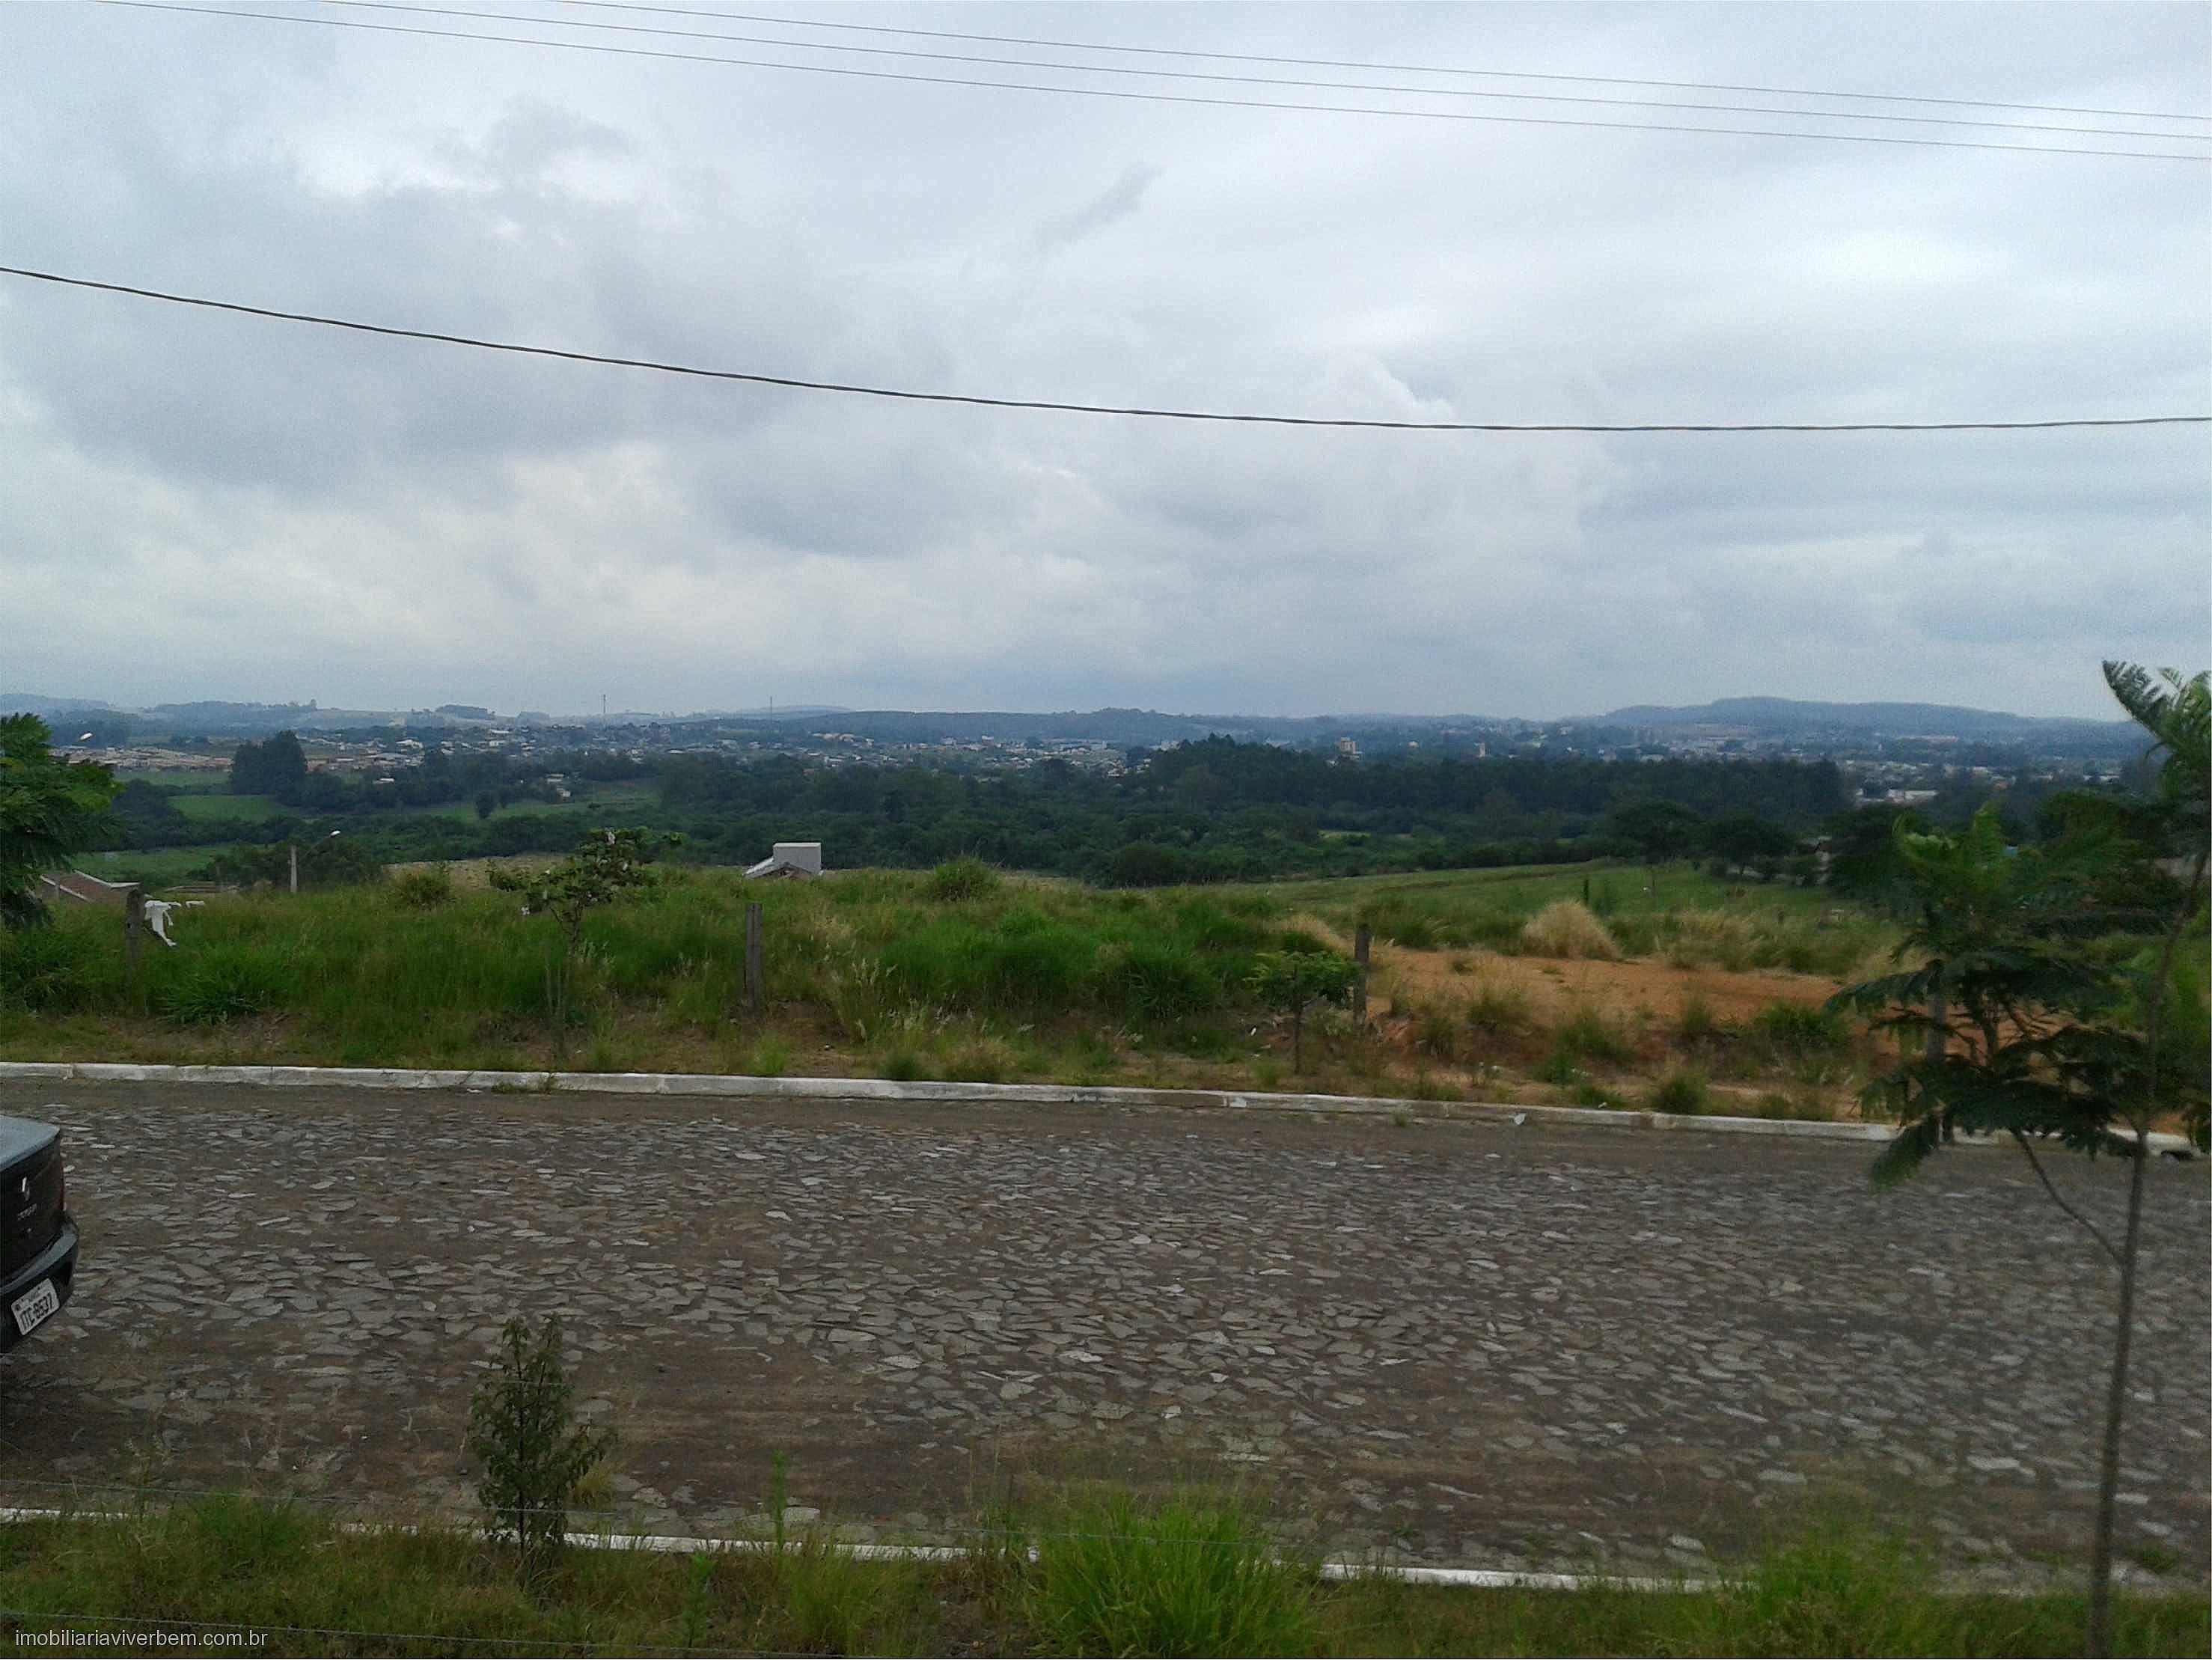 Viver Bem Imóveis - Terreno, Aparecida, Portão - Foto 2